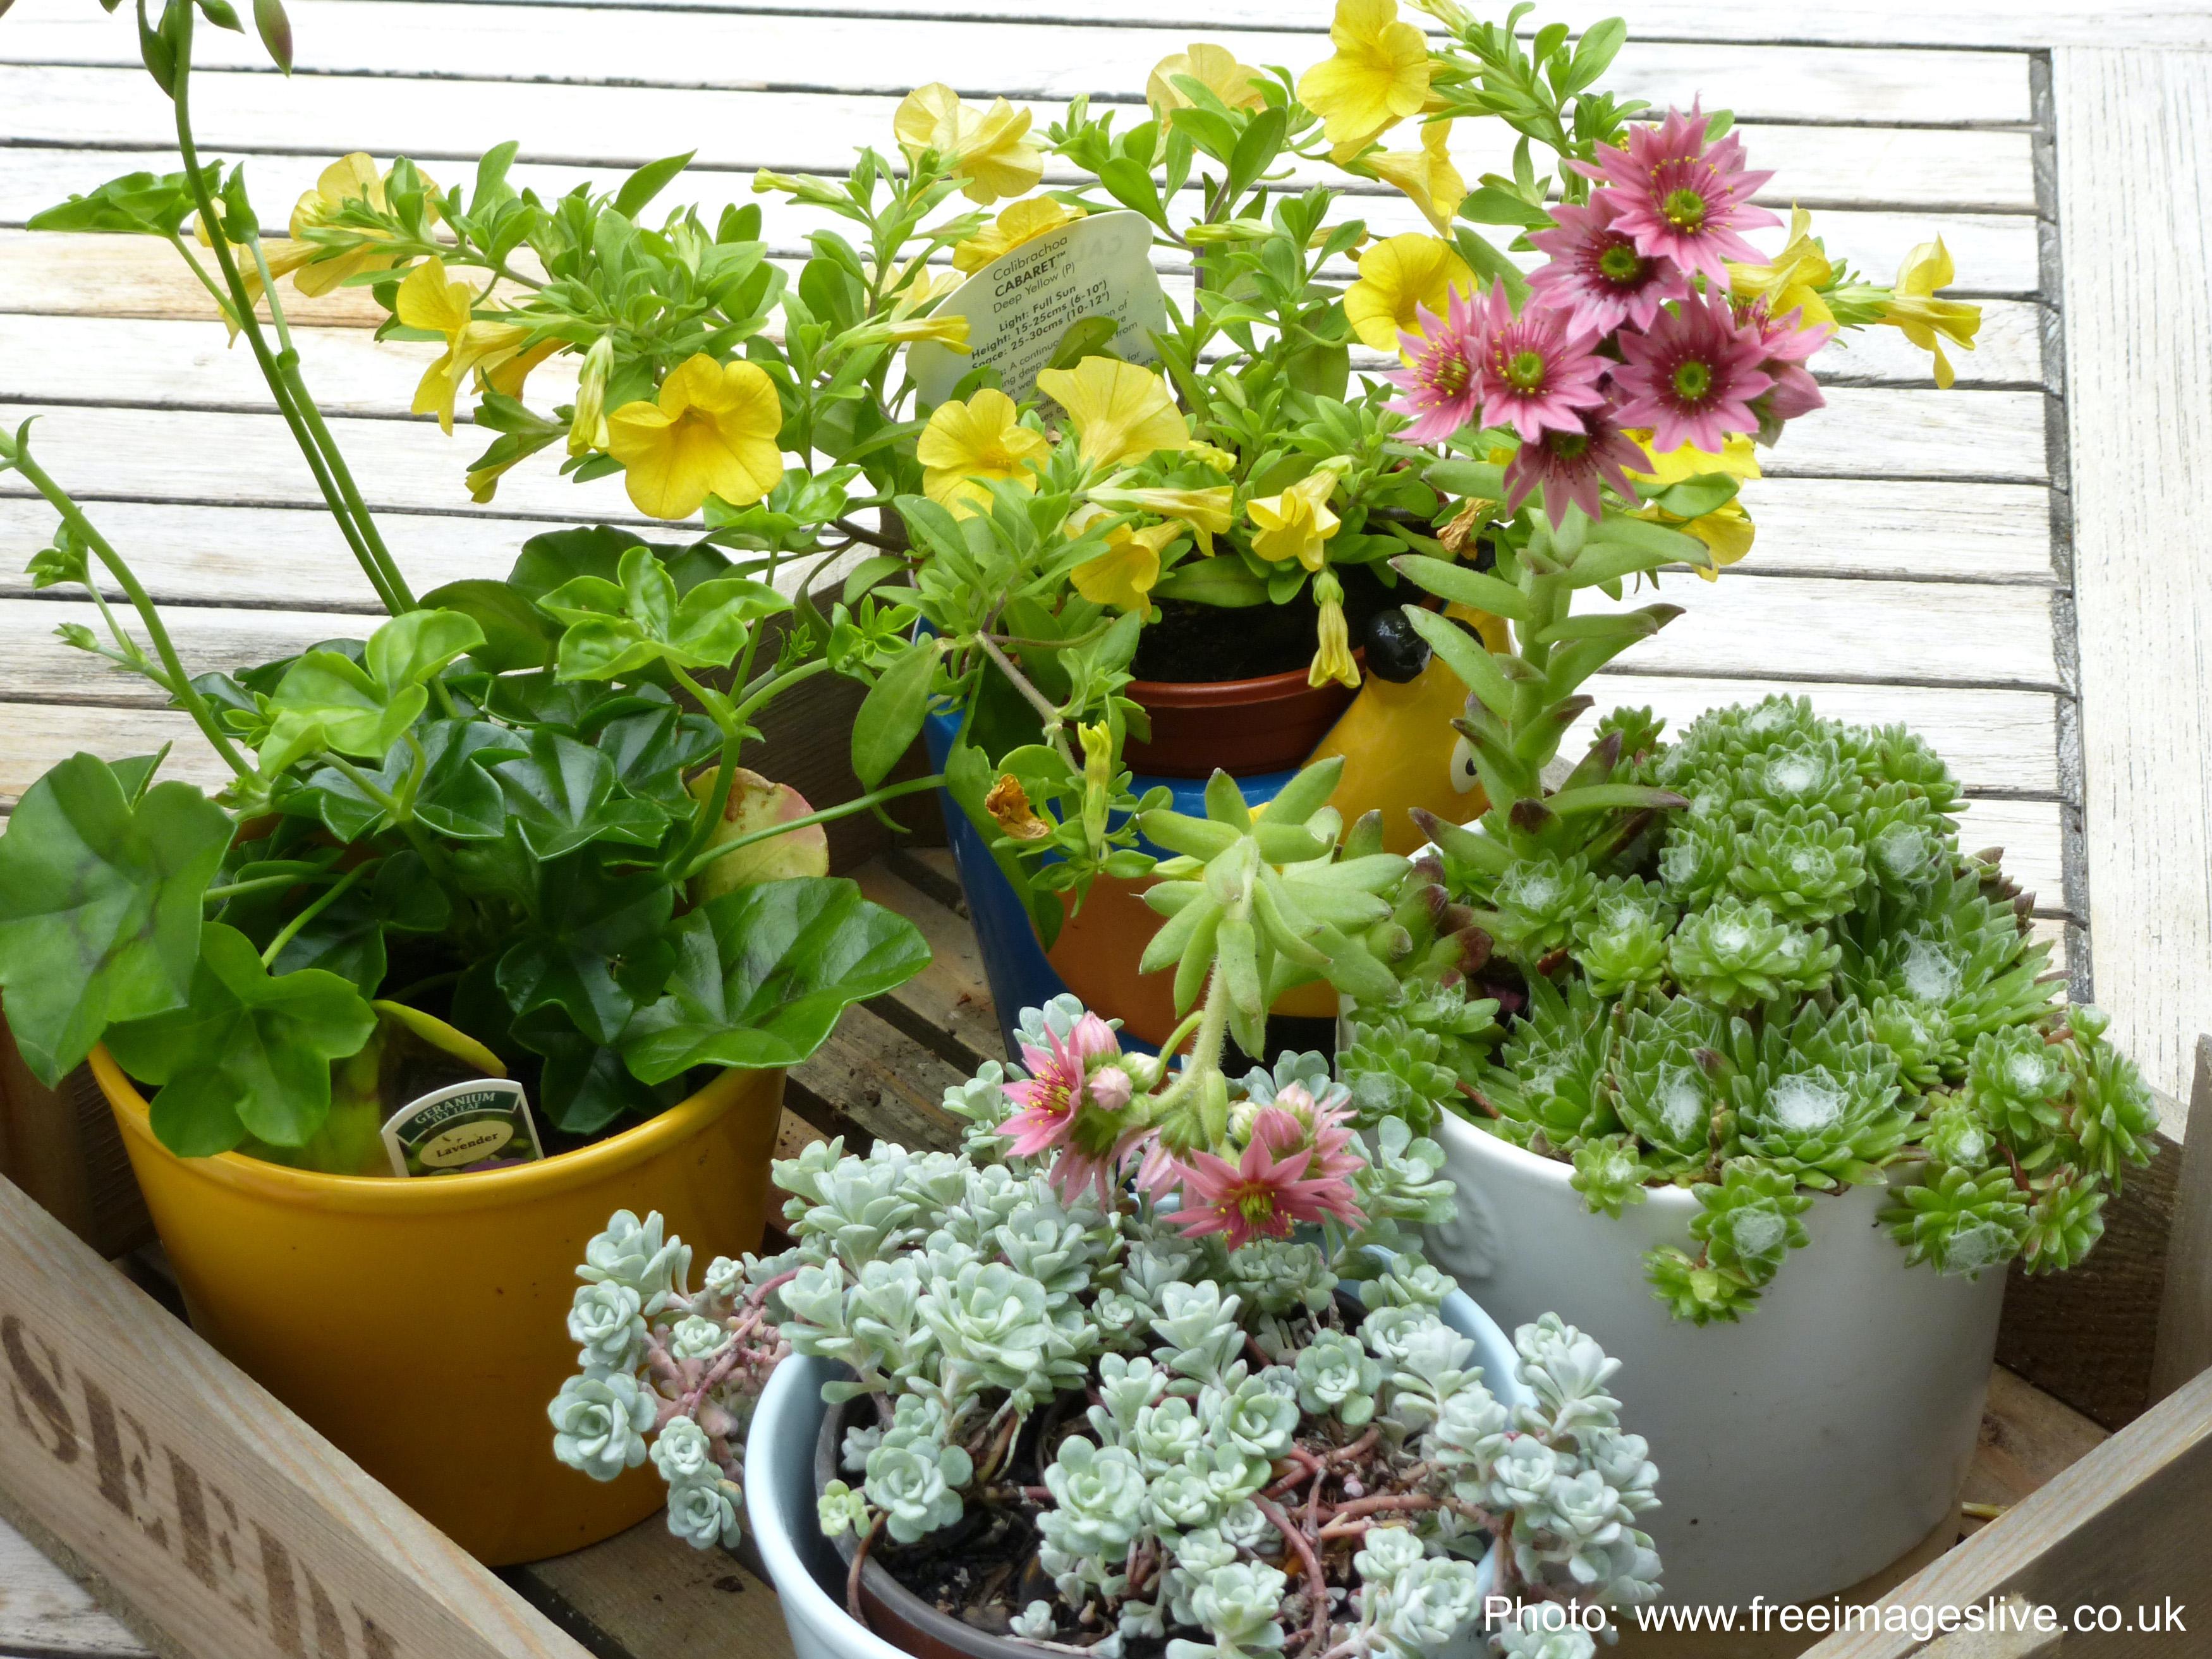 Plateau de plantes d'intérieur à rentrer pour l'hiver